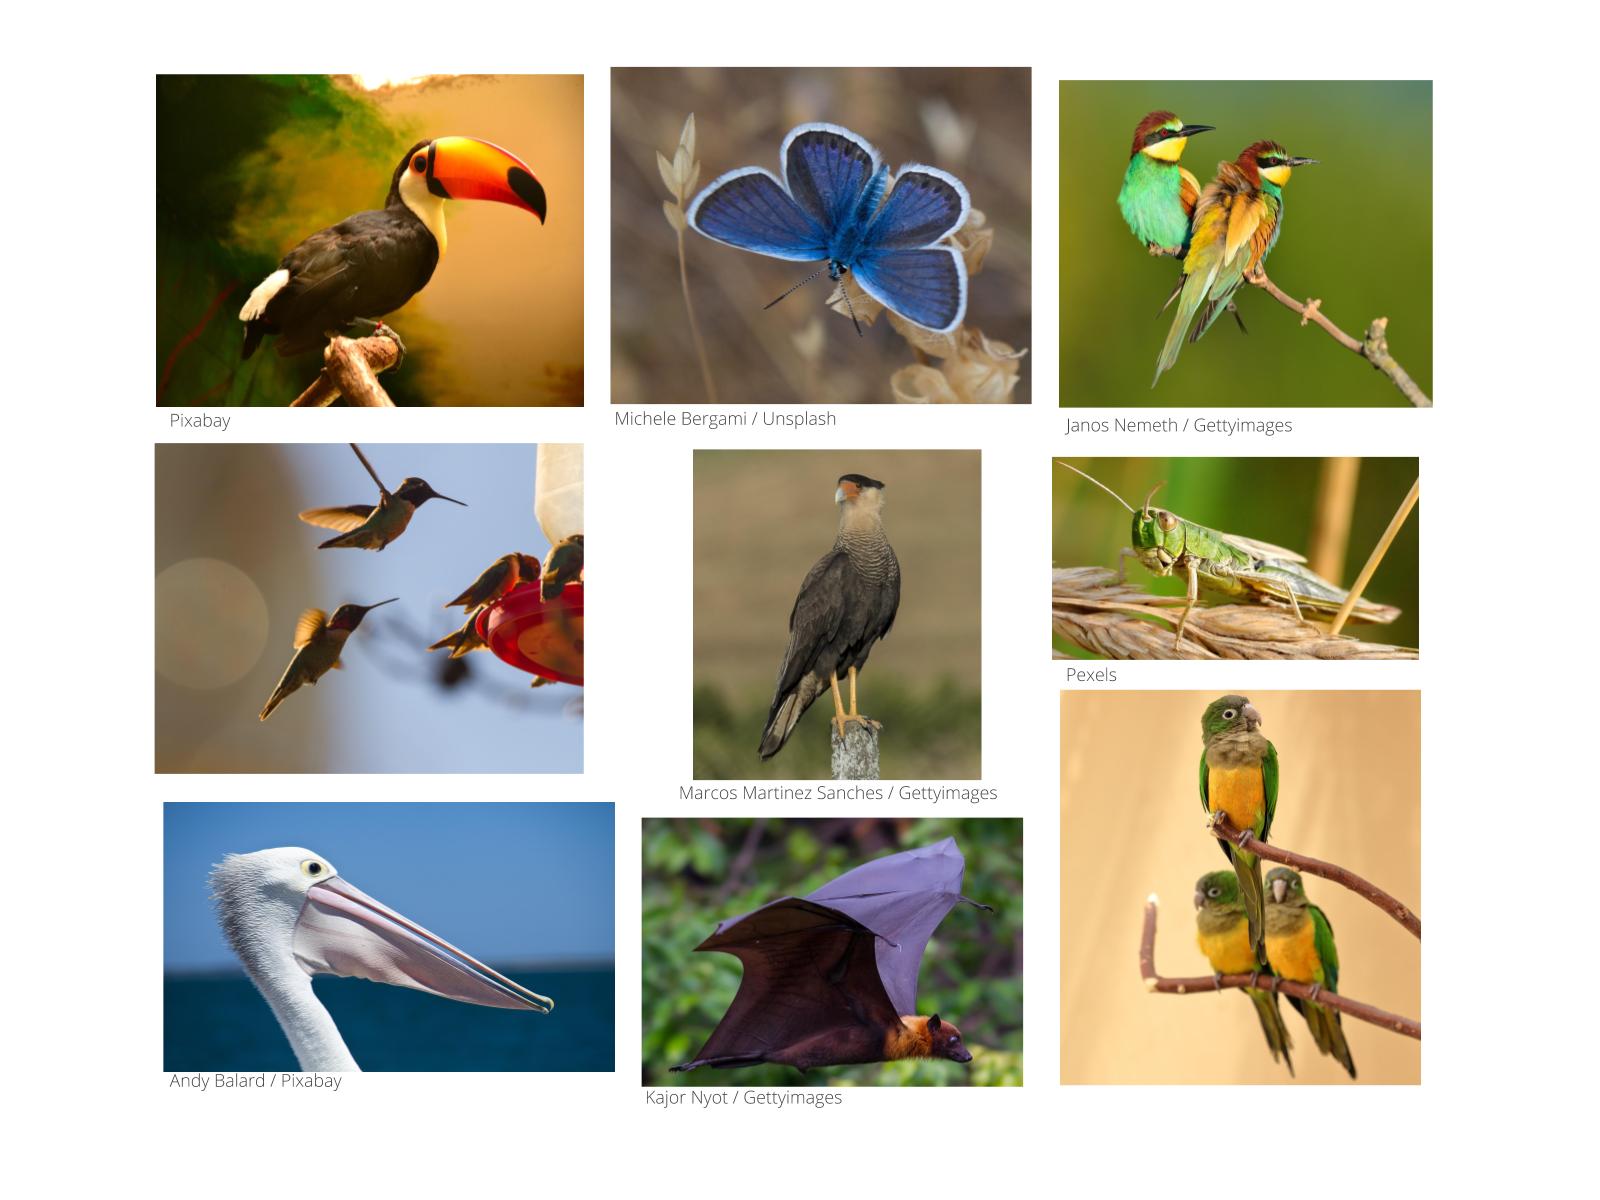 O Mundo Animal nas Alturas: Animais Voadores